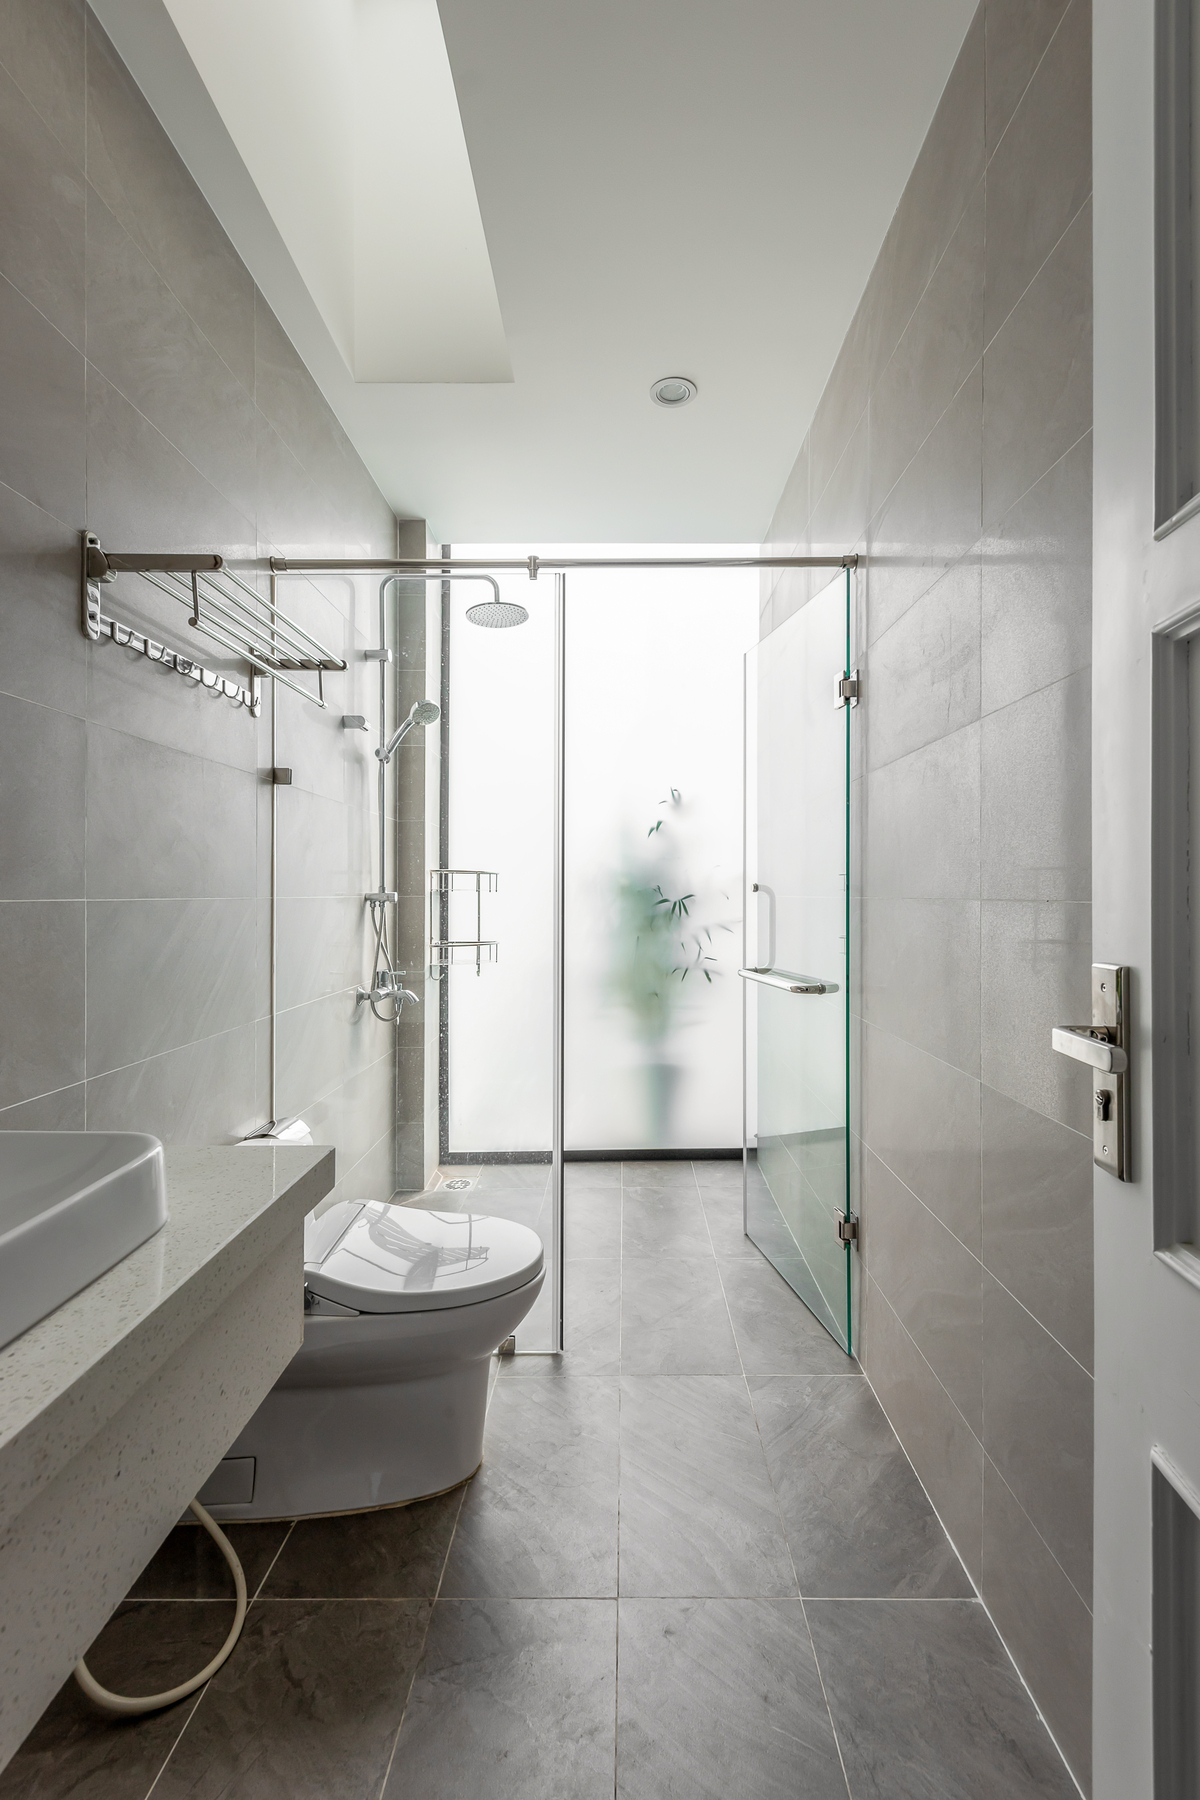 22 2 - Nhà trong thành phố - Giải pháp cho không gian sống với nhiều thành viên | Story Architecture